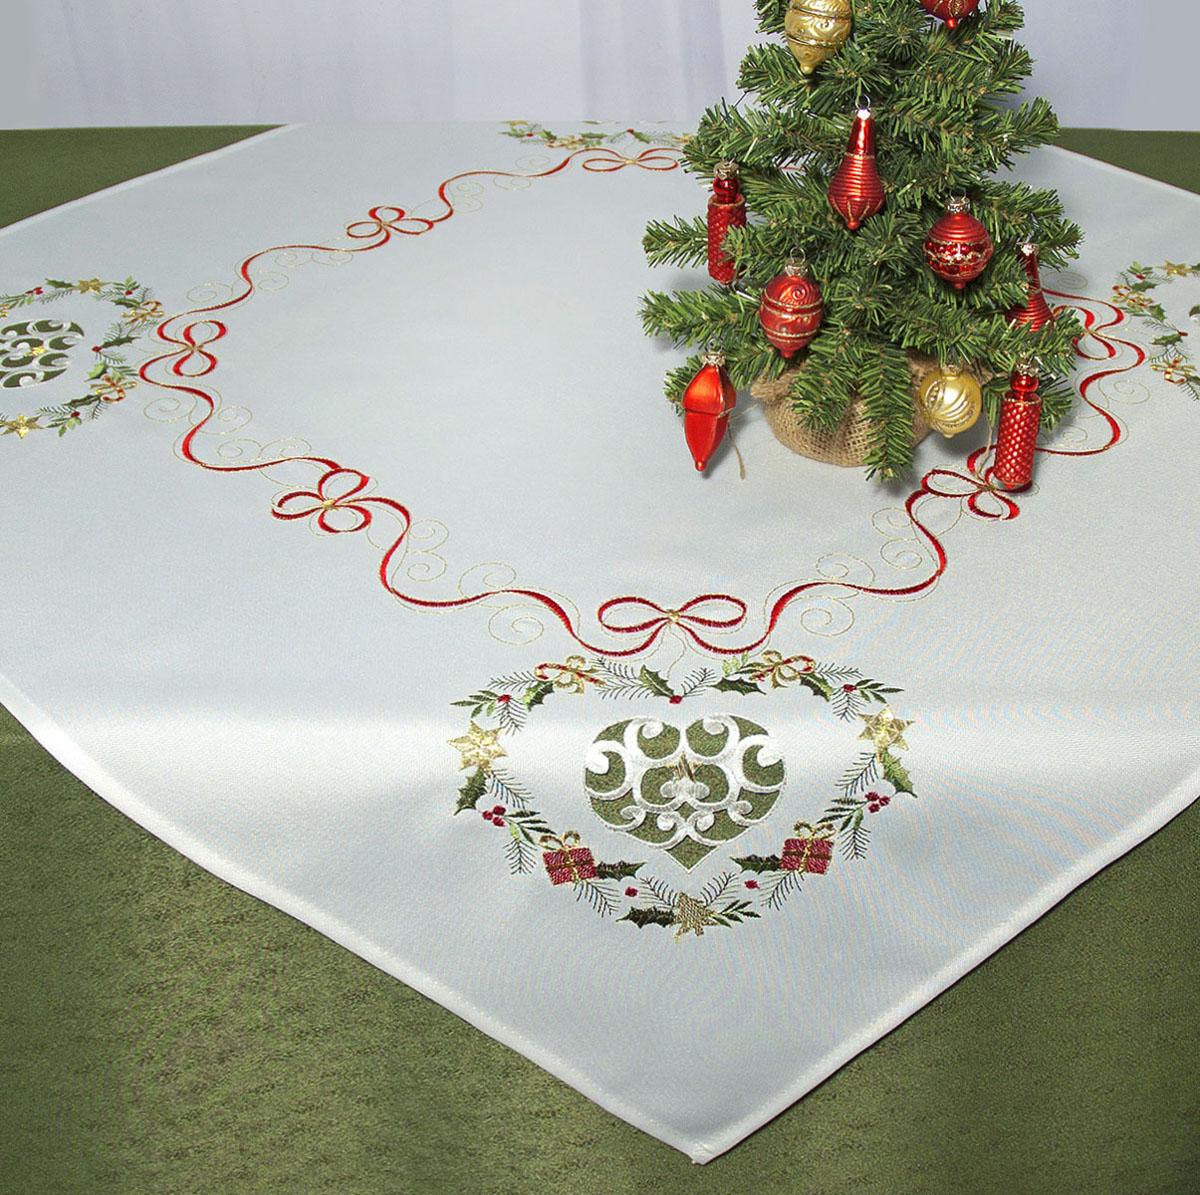 Скатерть Schaefer, квадратная, цвет: белый, 85x 85 см. 07487-10007487-100Скатерть Schaefer изготовлена из полиэстера и декорирована вышитыми в технике ришелье новогодними подарками.Изделия из полиэстера легко стирать: они не мнутся, не садятся и быстро сохнут, они более долговечны, чем изделия из натуральных волокон. Кроме того, ткань обладает водоотталкивающими свойствами. Такая скатерть будет просто не заменима на кухне, а особенно на вашем обеденном столе на даче под открытым небом. Скатерть Schaefer не останется без внимания ваших гостей, а вас будет ежедневно радовать ярким дизайном и несравненным качеством.Немецкая компания Schaefer создана в 1921 году. На протяжении всего времени существования она создает уникальные коллекции домашнего текстиля для гостиных, спален, кухонь и ванных комнат. Дизайнерские идеи немецких художников компании Schaefer воплощаются в текстильных изделиях, которые сделают ваш дом красивее и уютнее и не останутся незамеченными вашими гостями. Дарите себе и близким красоту каждый день! Изысканный текстиль от немецкой компании Schaefer - это красота, стиль и уют в вашем доме.